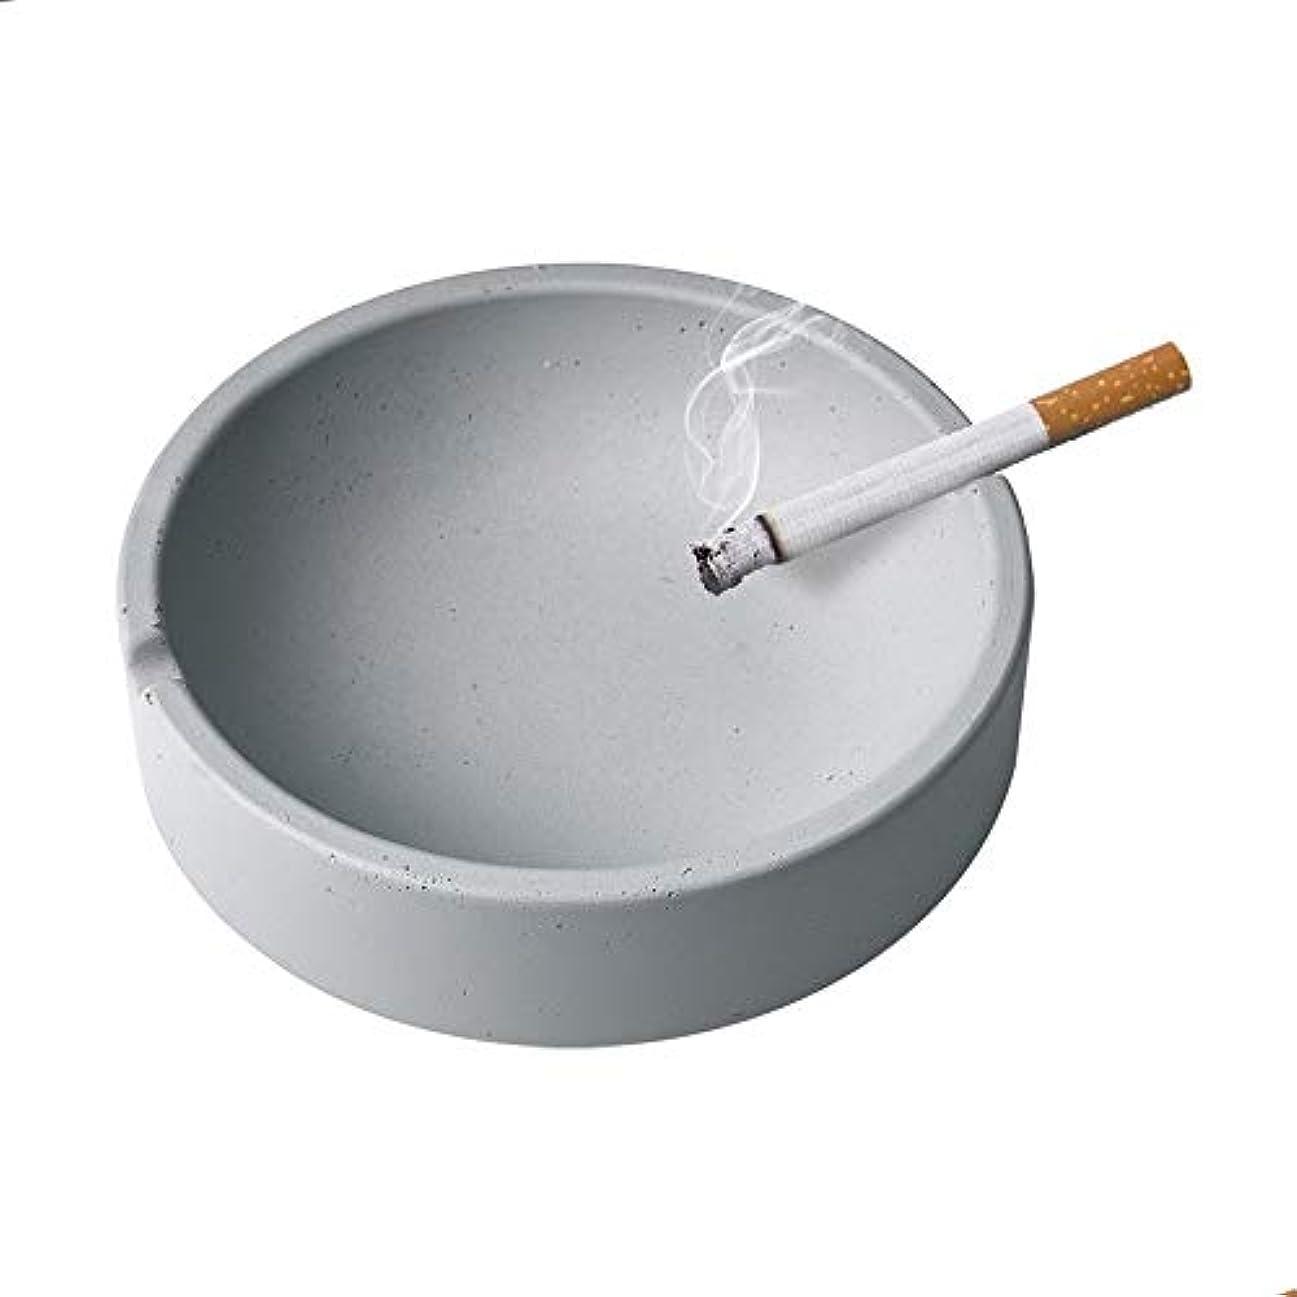 かりて質量大胆な屋内または屋外での使用のためのタバコの灰皿、喫煙者のための灰ホルダー、ホームオフィスの装飾のためのデスクトップの喫煙灰皿